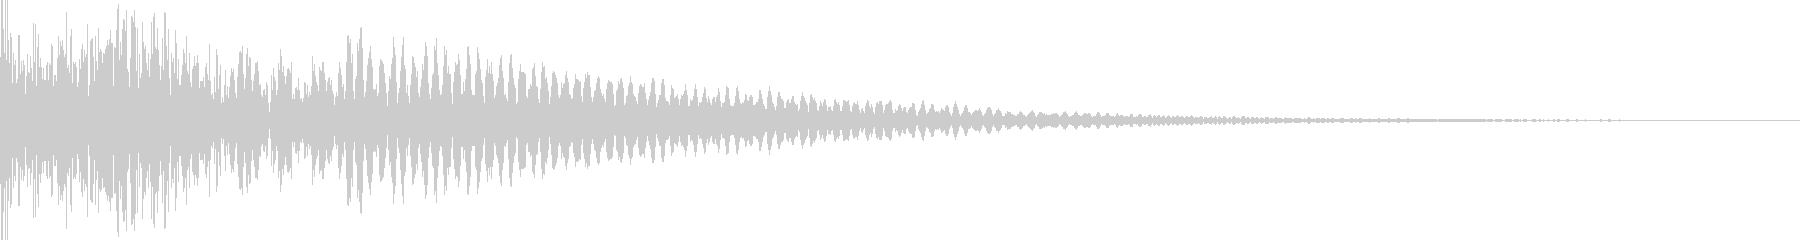 カジノ リール停止音(エジプト音階)の未再生の波形